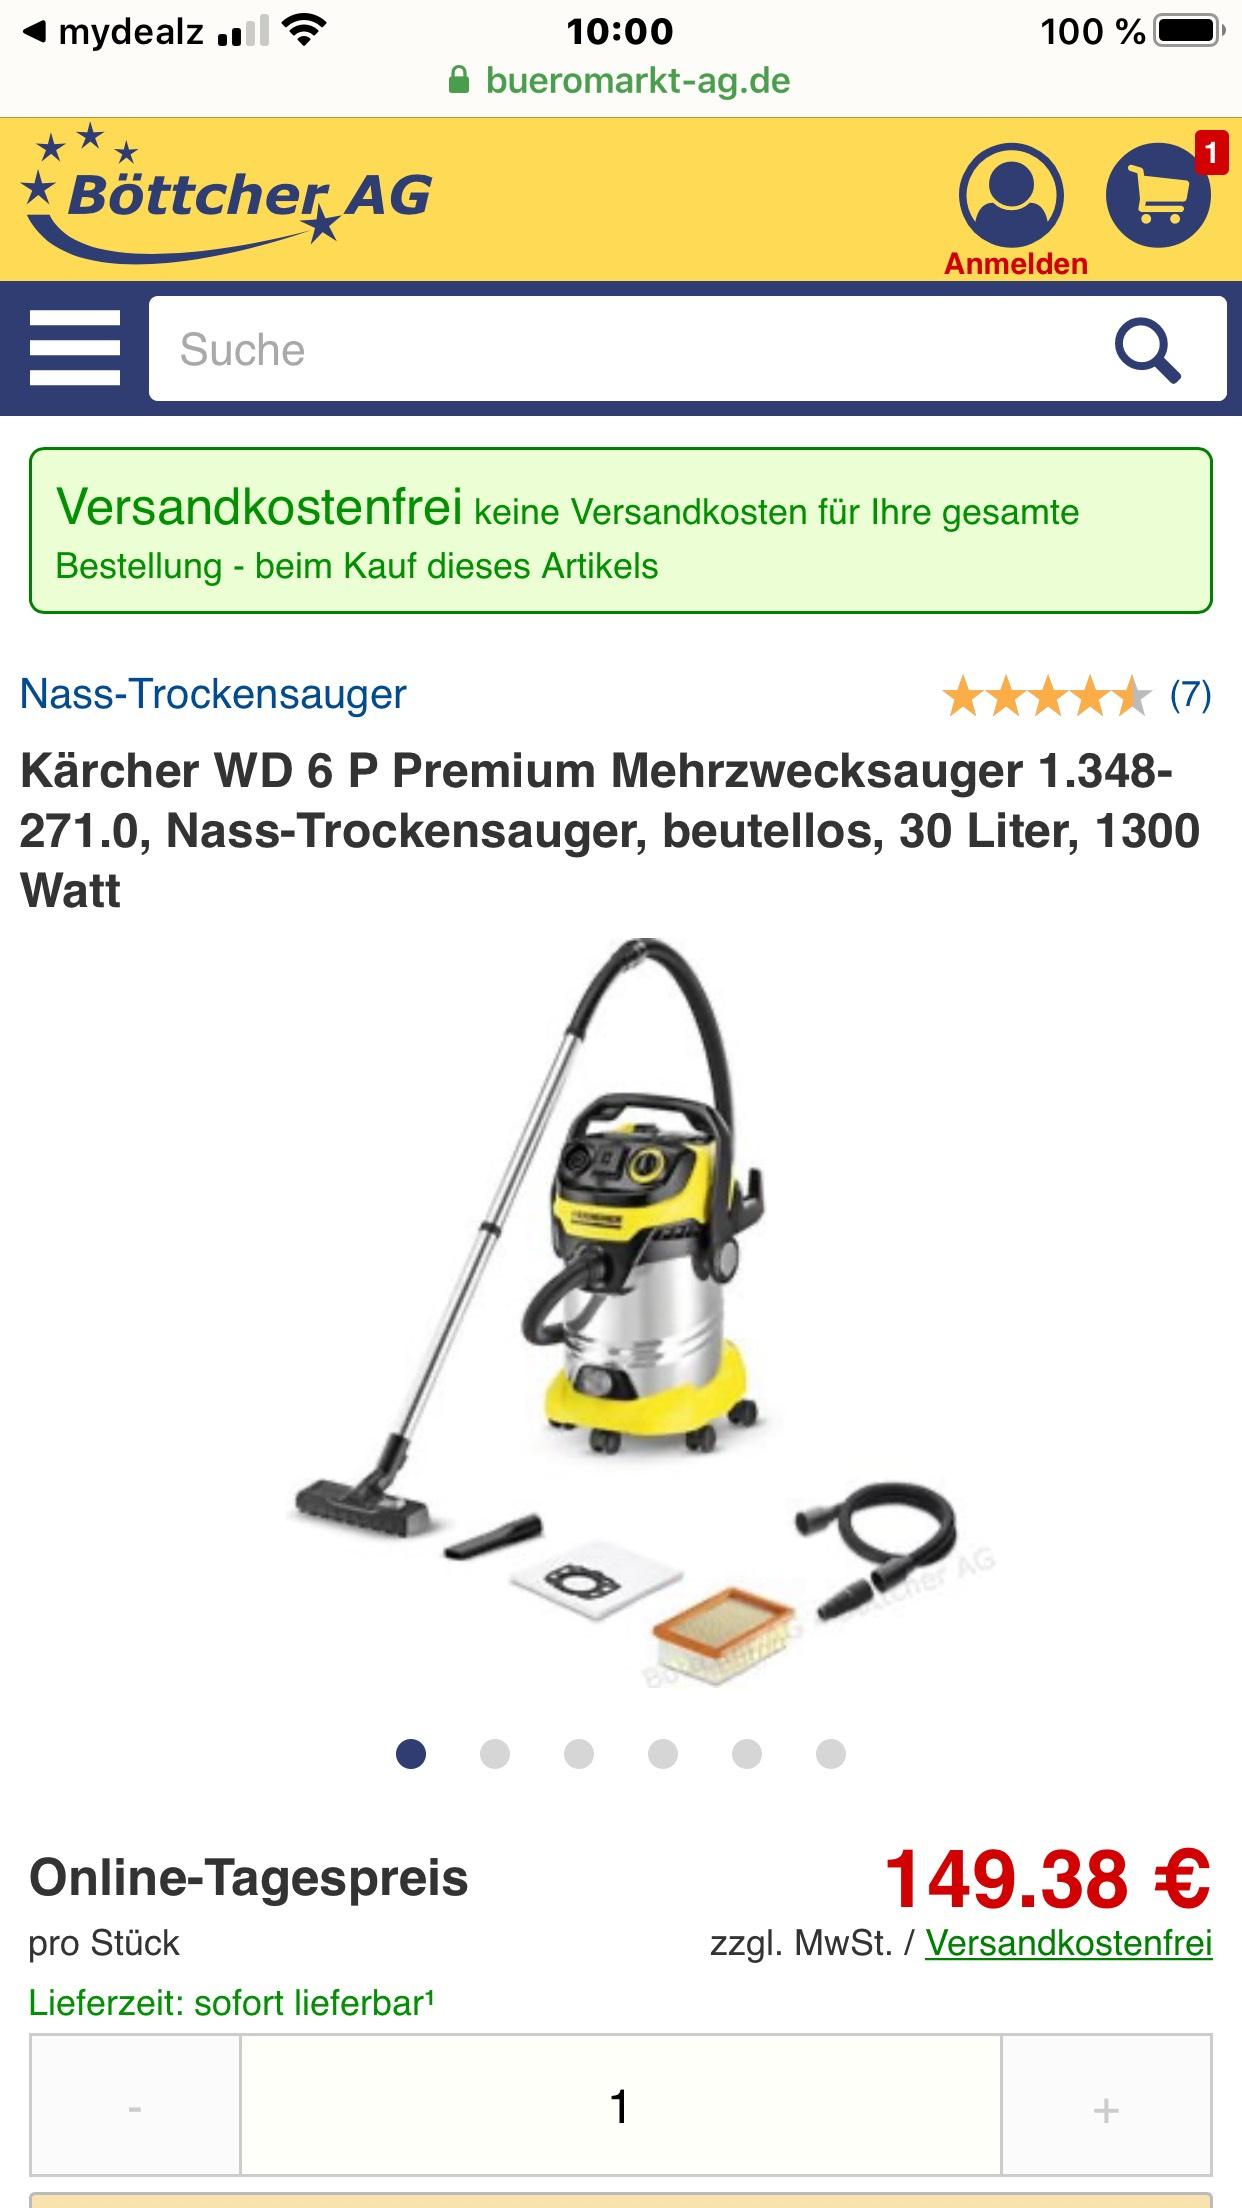 Kärcher WD 6 P Premium Mehrzwecksauger + Absaugset für Elektrowerkzeuge